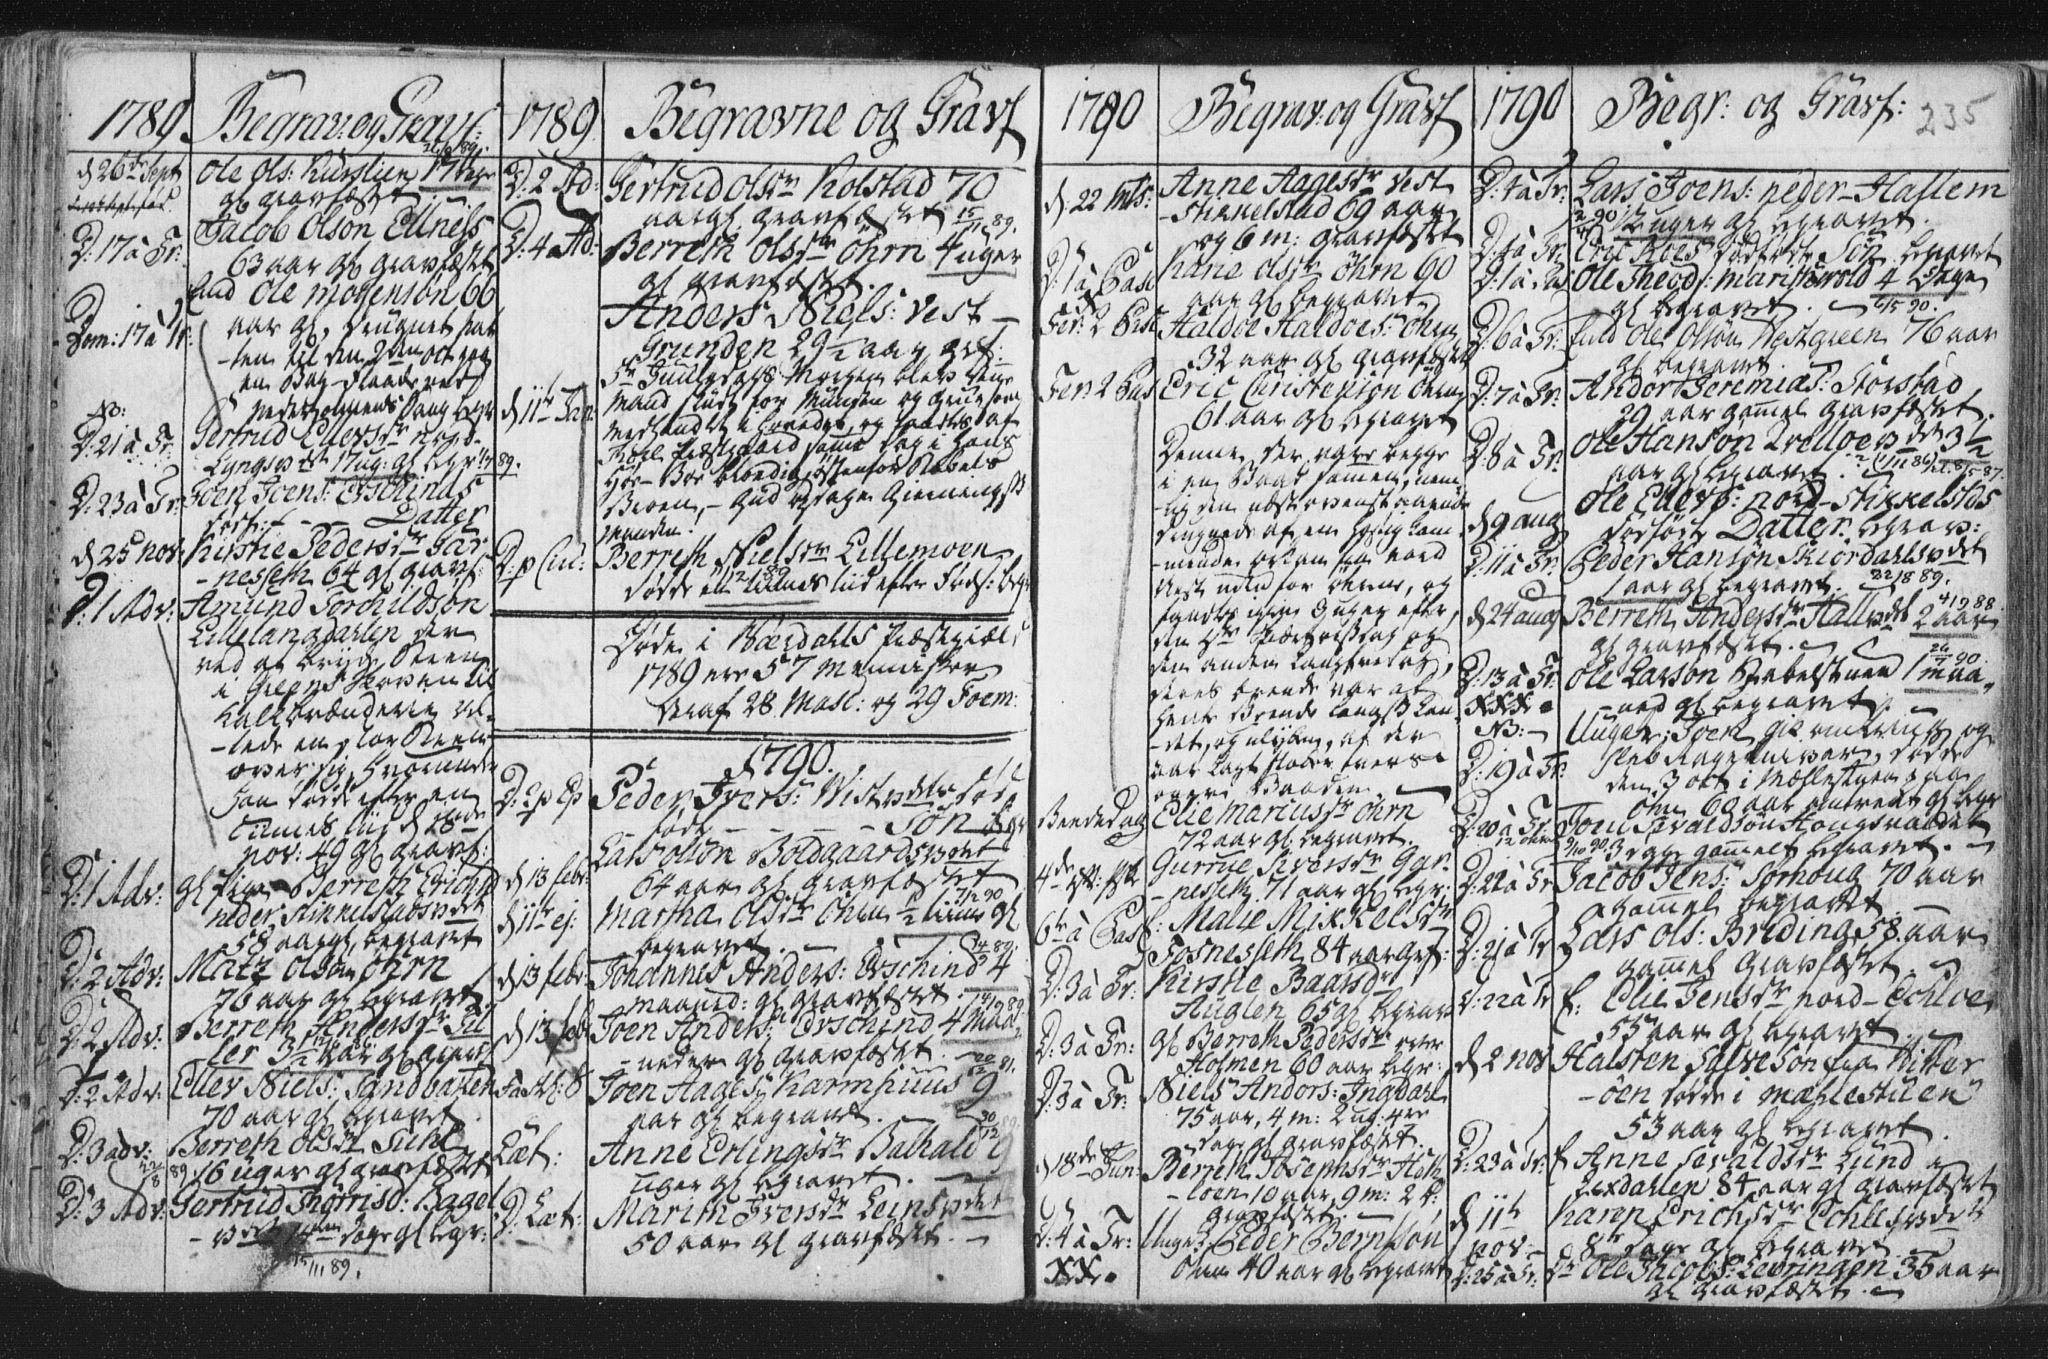 SAT, Ministerialprotokoller, klokkerbøker og fødselsregistre - Nord-Trøndelag, 723/L0232: Ministerialbok nr. 723A03, 1781-1804, s. 235